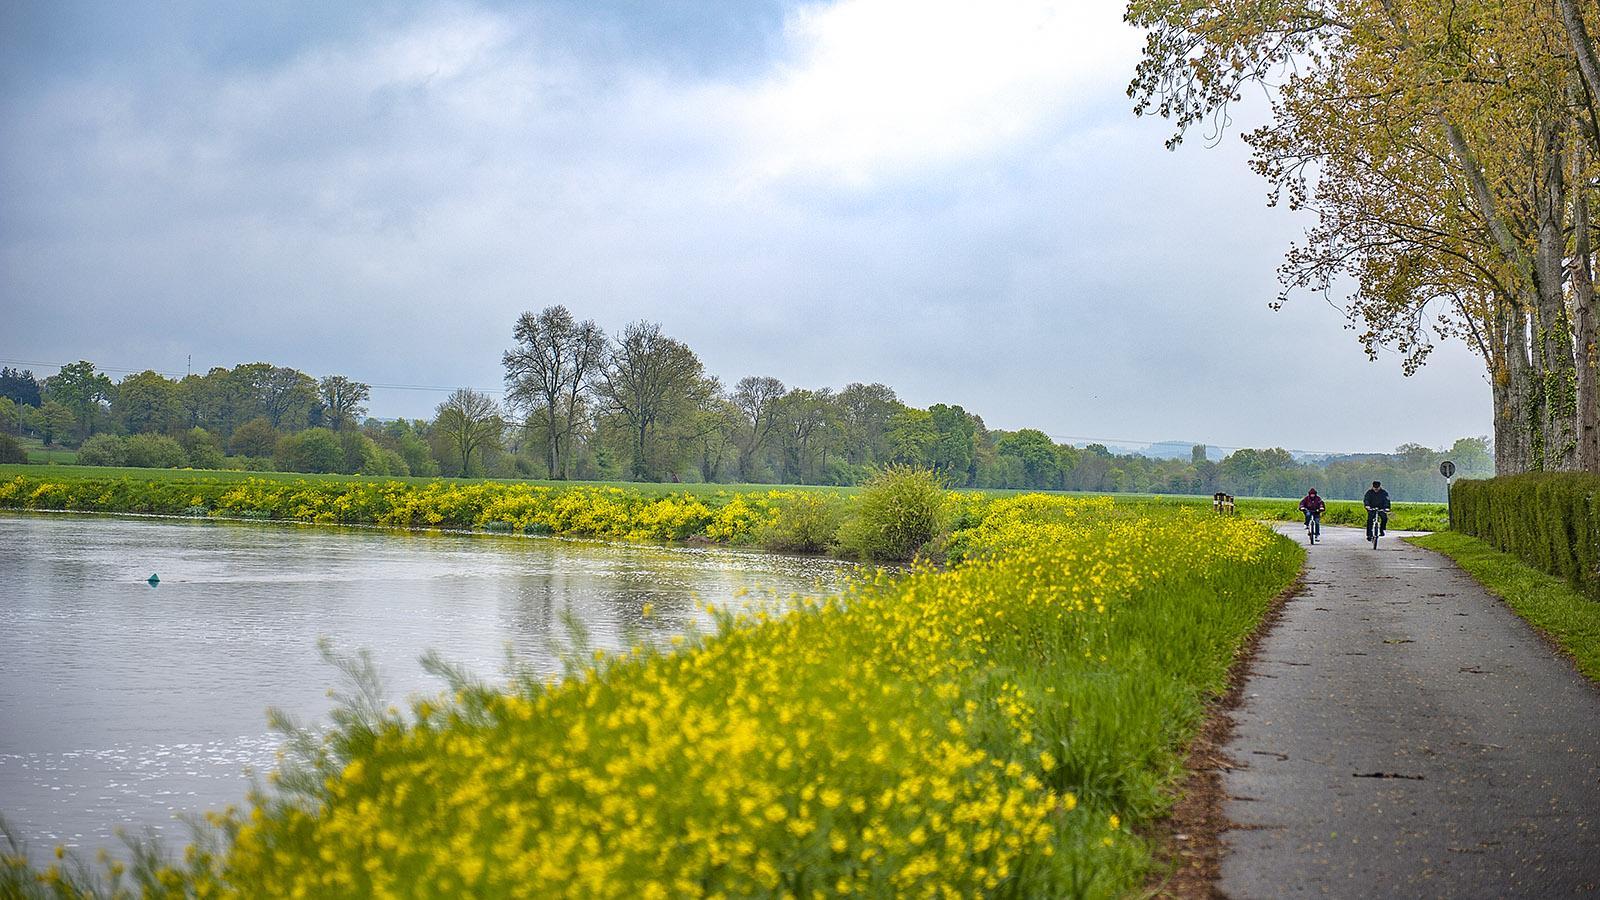 Messac: Treidelpfad an der Vilaine, ausgebaut zum Radweg. Foto: Hilke Maunder